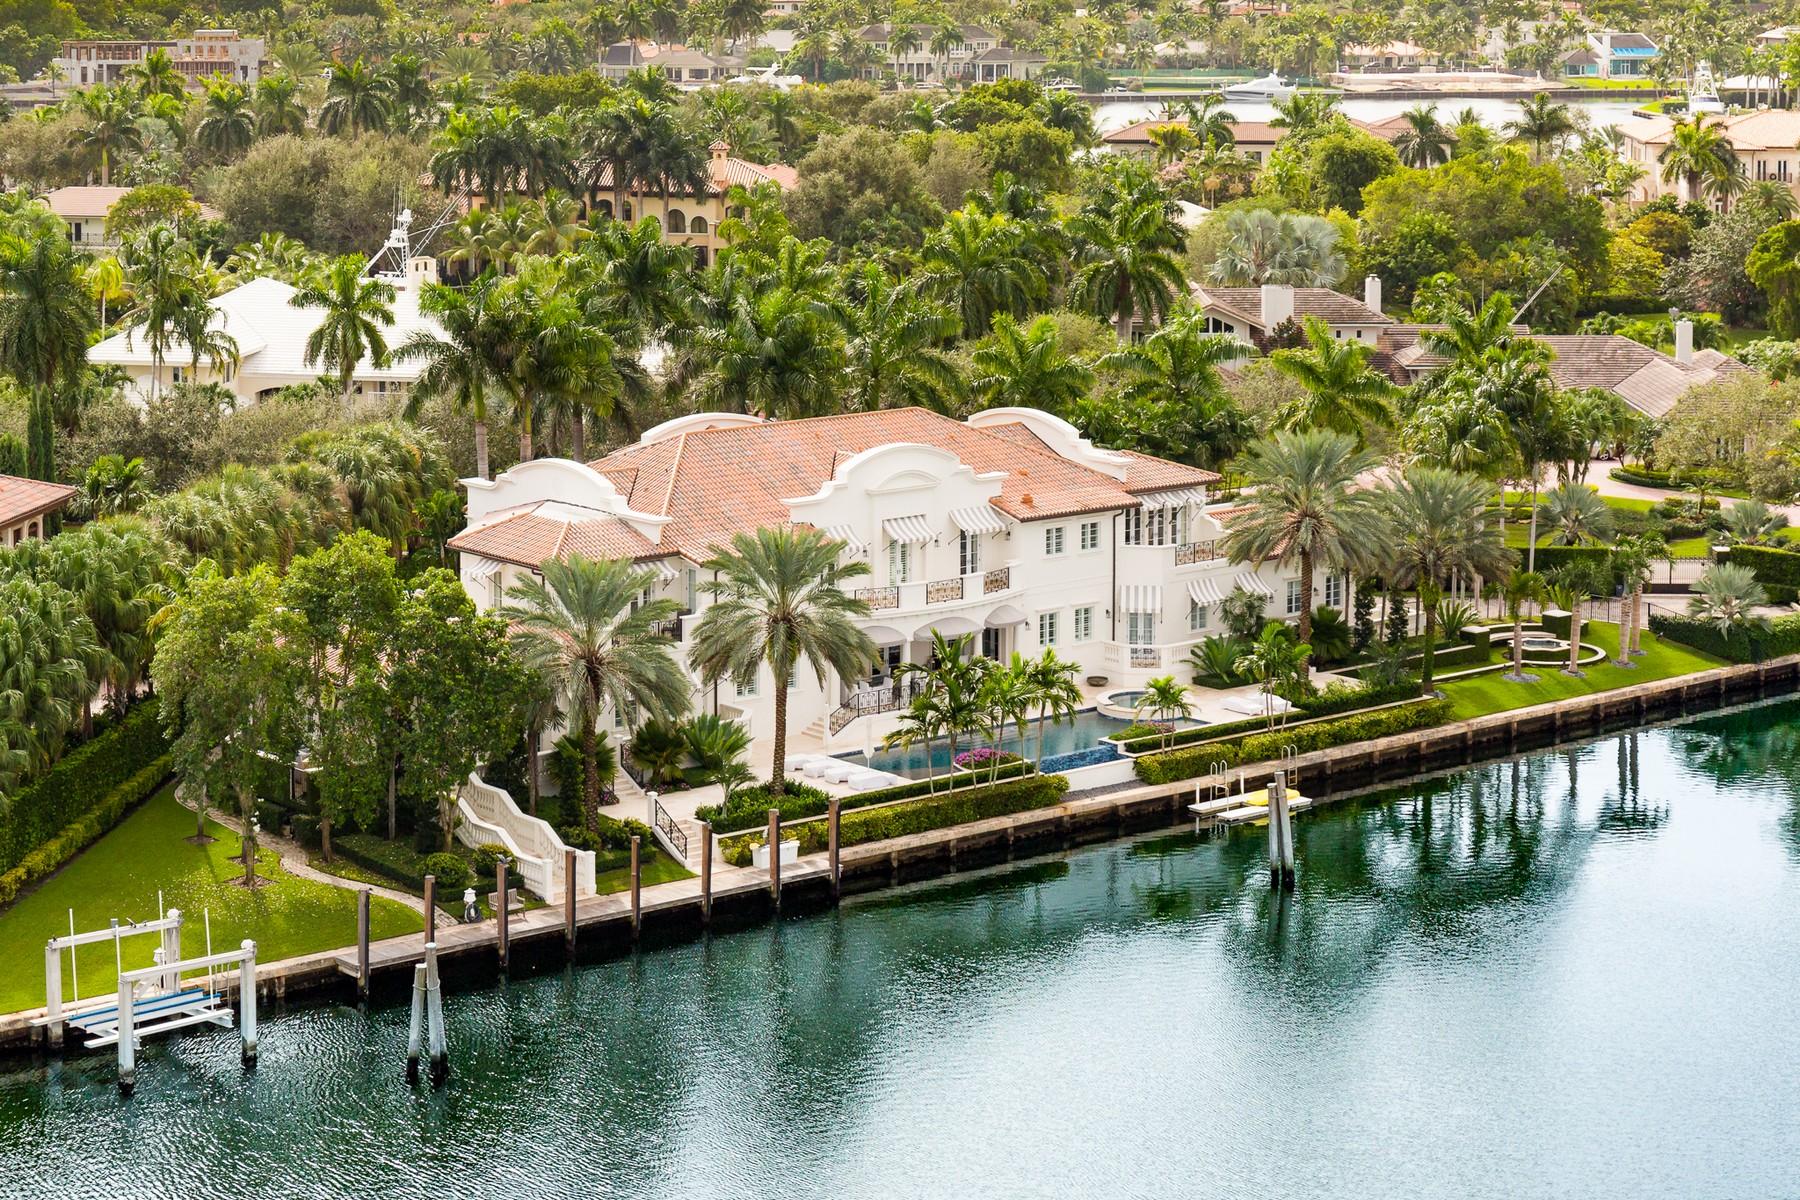 Casa Unifamiliar por un Venta en 485 Leucadendra Drive Coral Gables, Florida, 33156 Estados Unidos